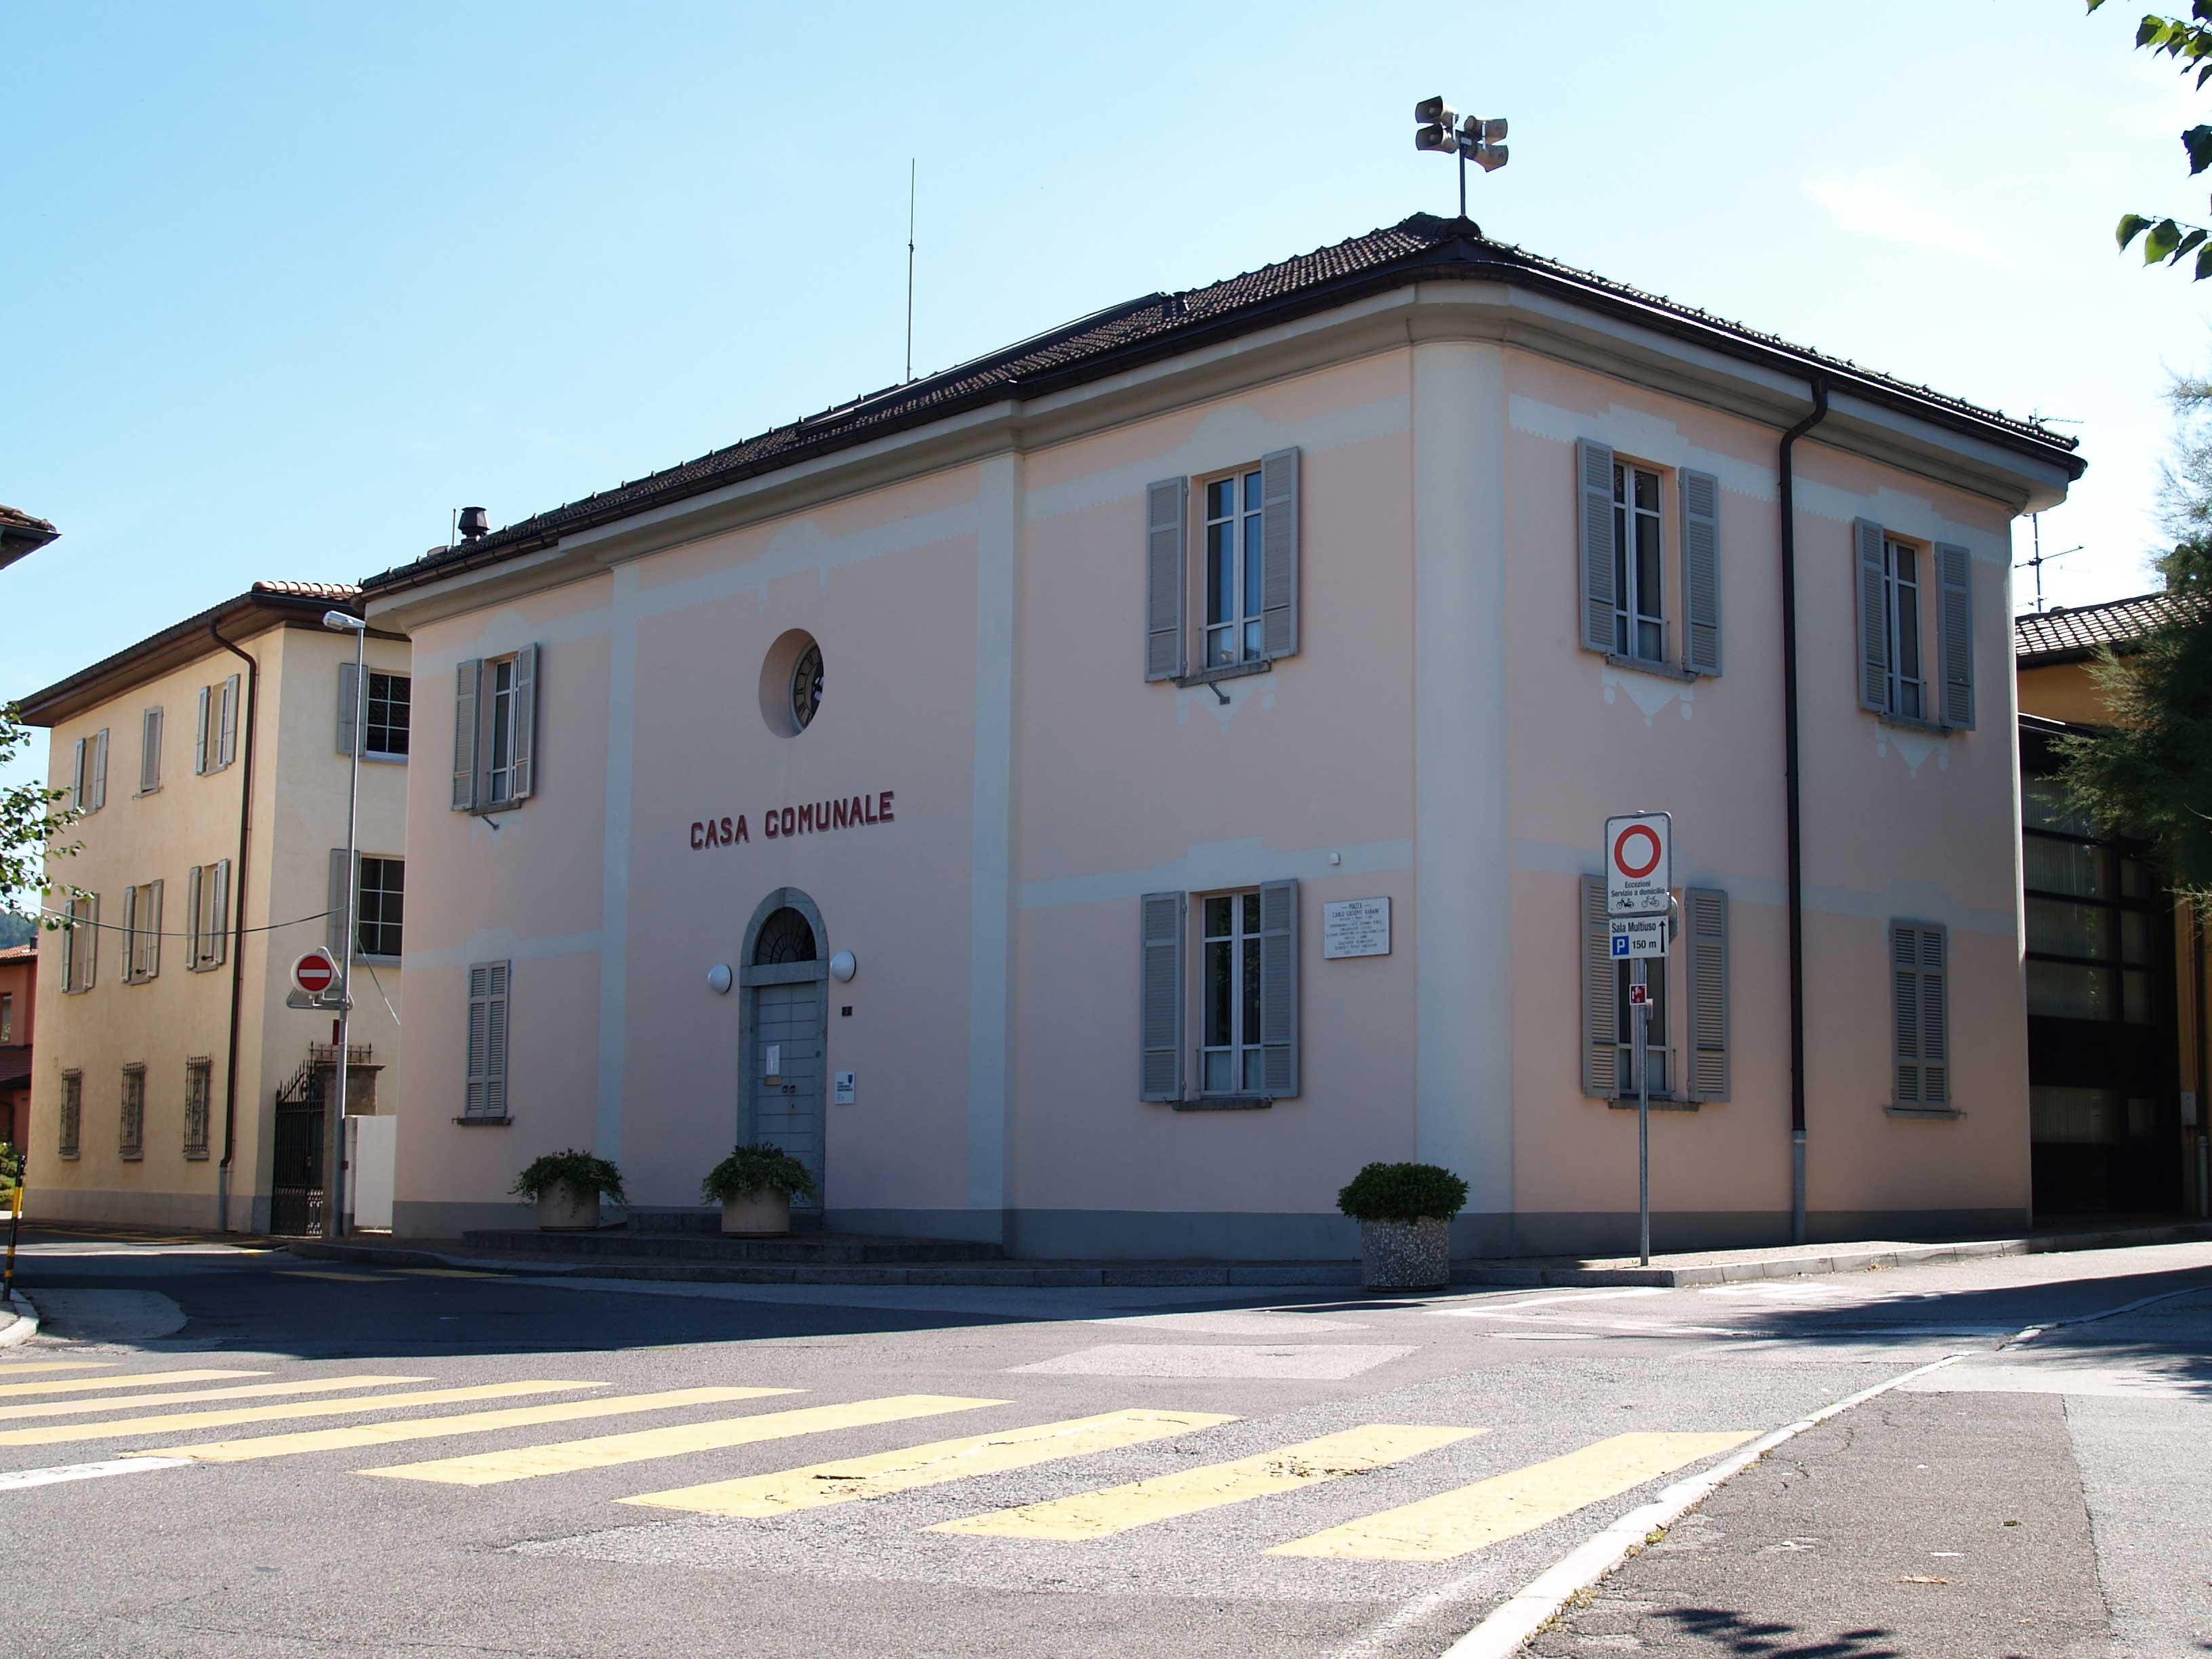 Edifici pubblici o di utilit pubblica for Casa comunale